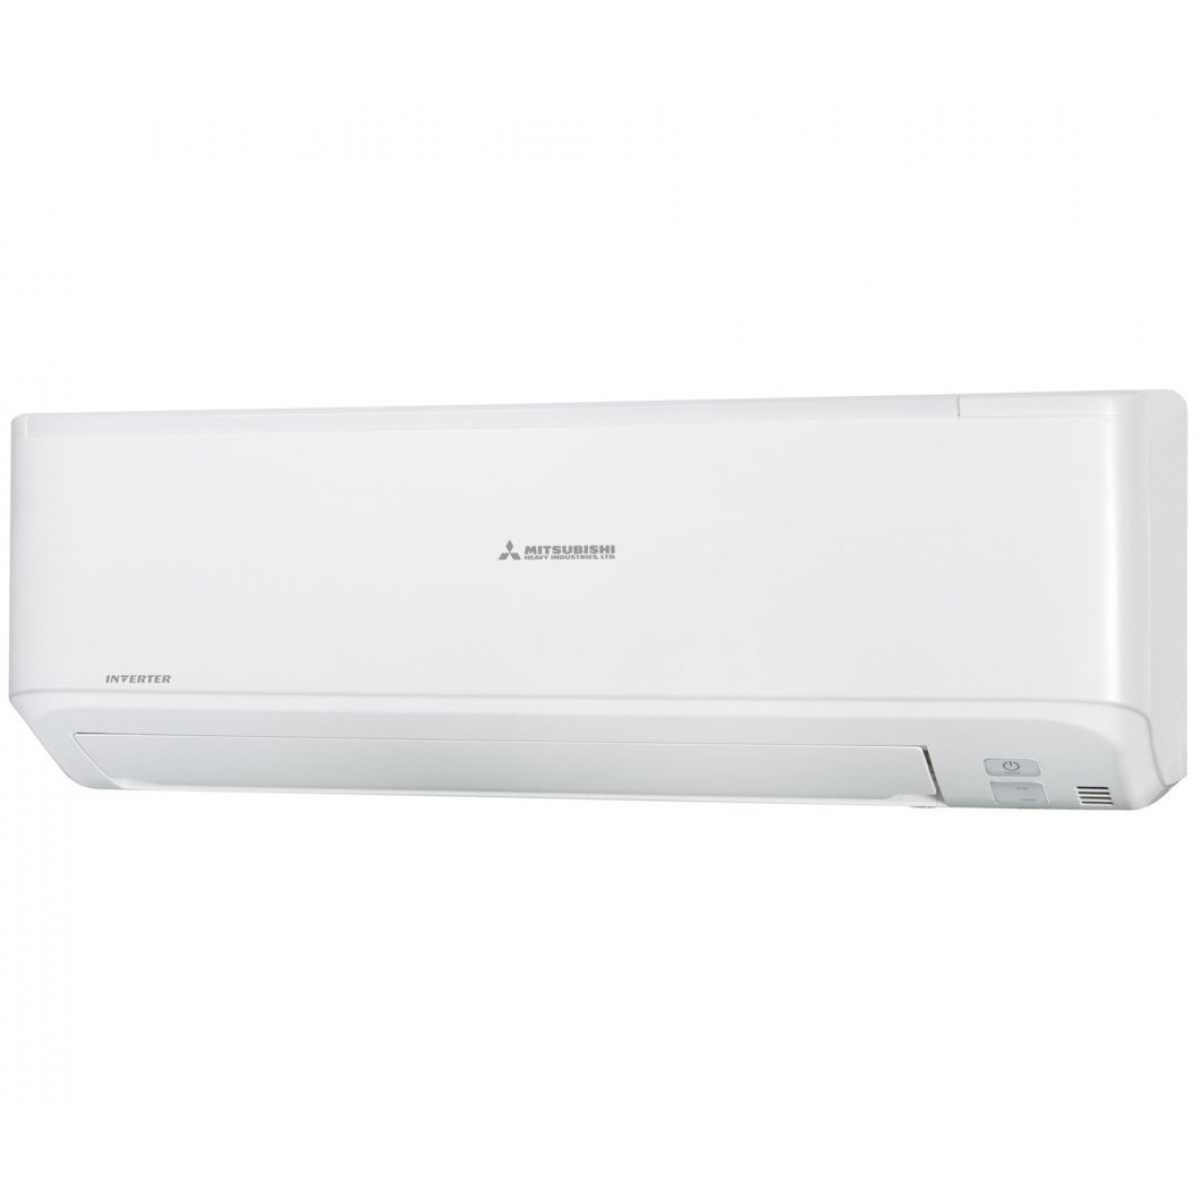 Mitsubishi klima uređaj-inverter DXK15Z5-S/DXC15Z5-S - Inelektronik